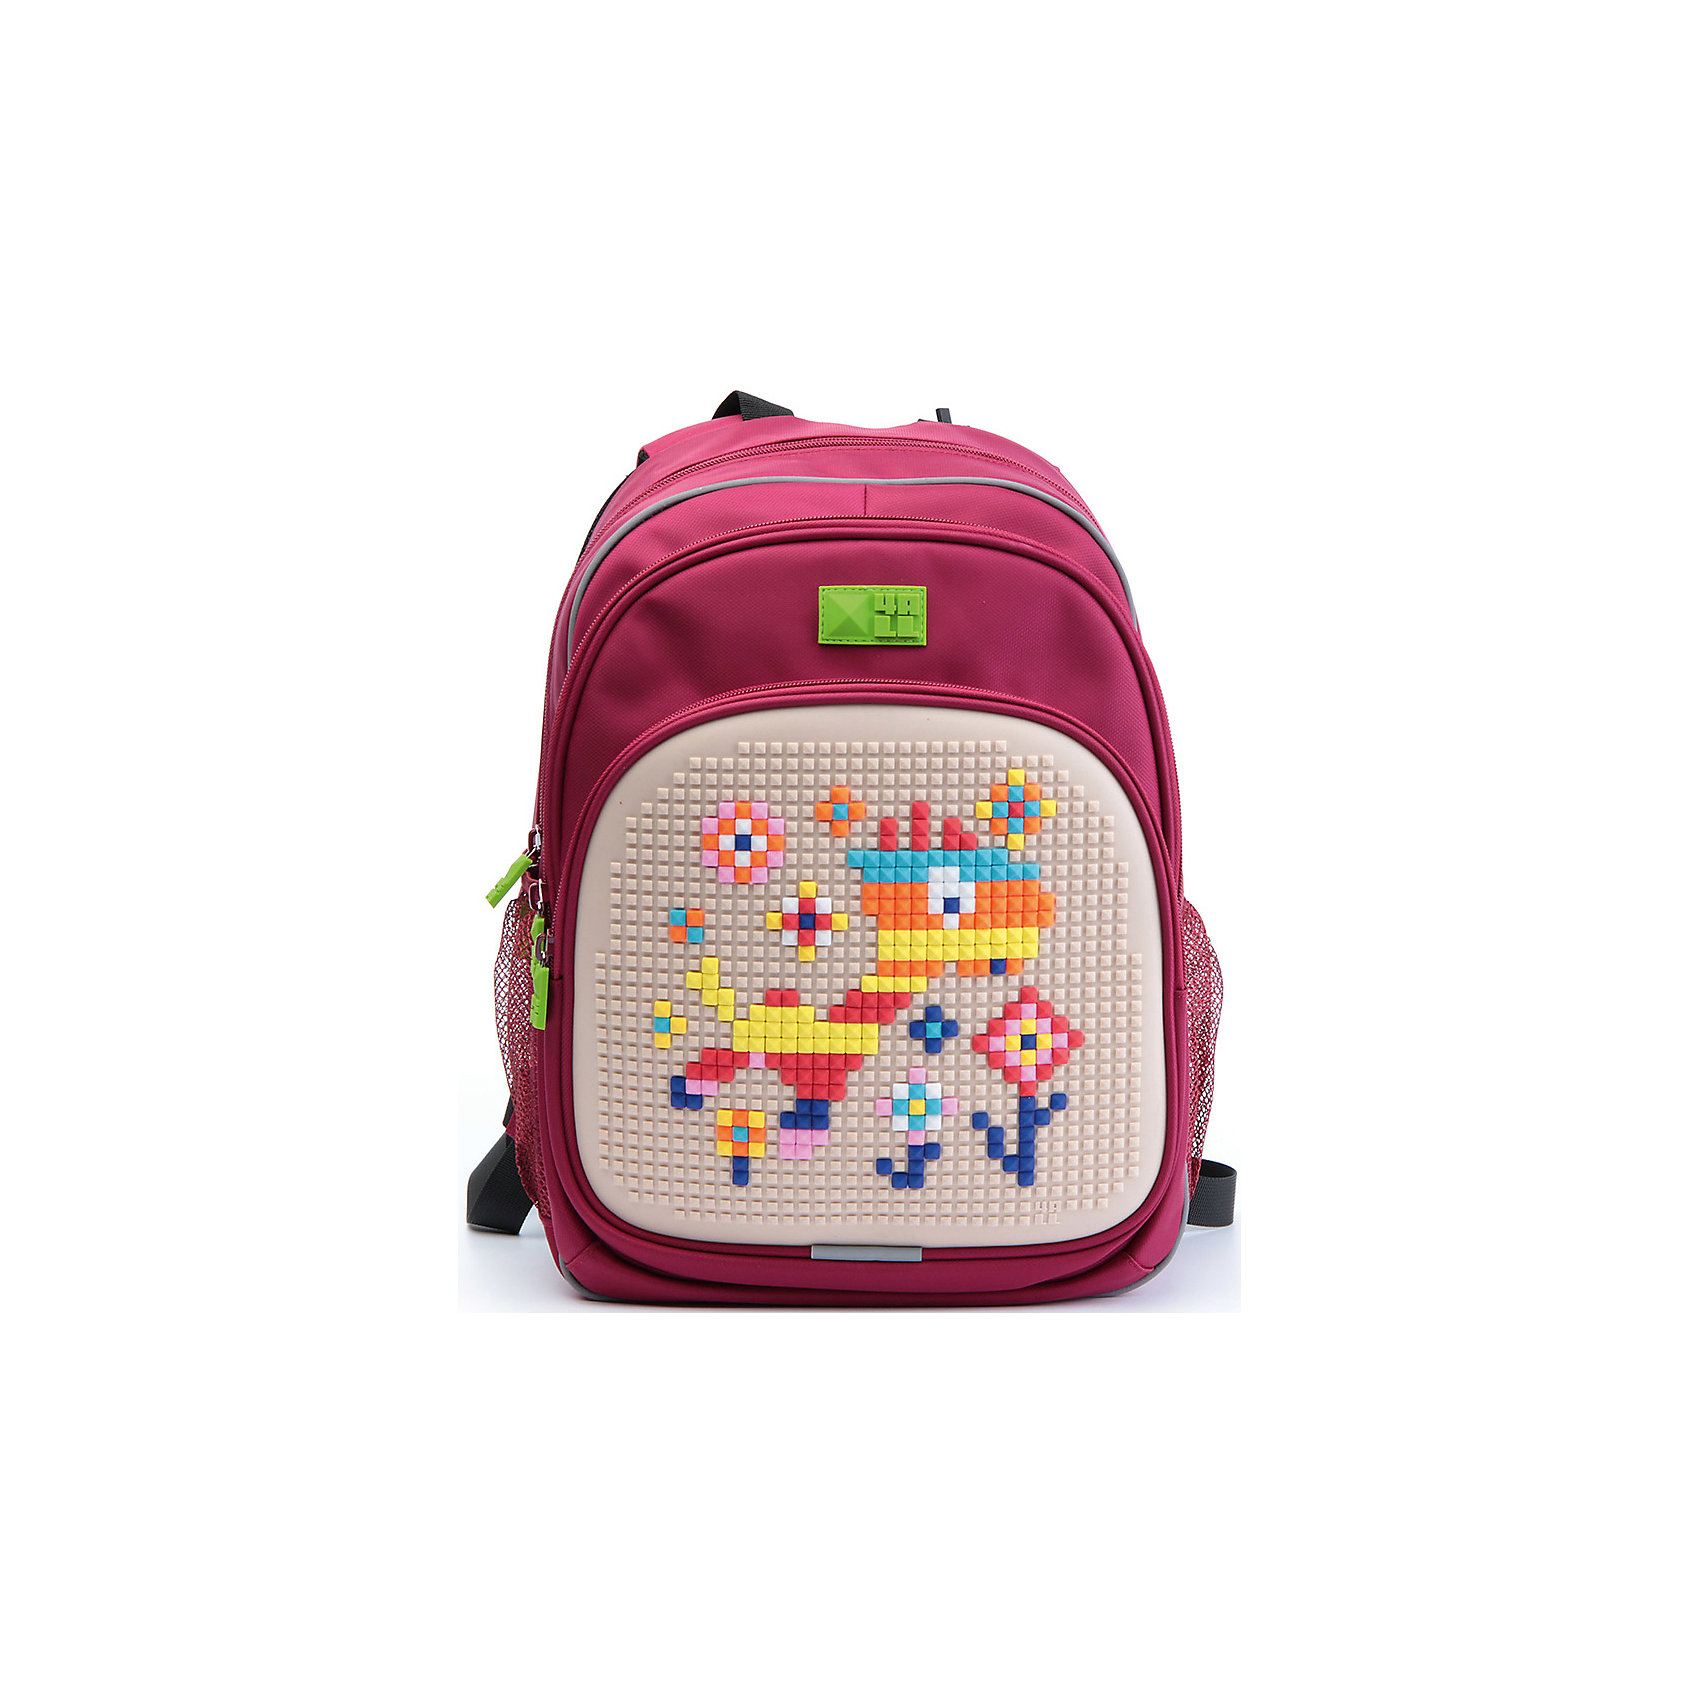 4ALL Рюкзак Kids, красныйРюкзаки<br>Рюкзак KIDS - это одновременно и яркий, функциональный школьный аксессуар, и безграничная площадка для самовыражения, способная подчеркнуть любой выбранный образ. С помощью уникальной силиконовой панели и набора пластиковых пикселей-битов можно декорировать фасад рюкзака, как угодно, полагаясь на свое воображение и вкус. А все материалы, задействованные при изготовлении, имеют специальную вода- и грязеотталкивающую пропитку, что гарантирует практичность, износостойкость и долговечность рюкзака.<br><br>Такой современный и интересный ранец будет прекрасным подарком к 1 сентября!<br><br>Особенности:<br>AIR COMFORT system:<br>- Система свободной циркуляции воздуха между задней стенкой рюкзака и спиной ребенка.<br>- Совместно с ортопедической спиной ERGO system эта система воздухообмена делает ежедневное использование рюкзаков KIDS безопасным для здоровья и максимально комфортным!<br>ERGO system:<br>- Разработанная нами система ERGO служит равномерному распределению нагрузки на спину ребенка. Она способна сделать рюкзак, наполненный учебниками, легким. ERGO служит сохранению правильной осанки и заботится о здоровье позвоночника!<br>Ортопедическая спина:<br>- Важное свойство наших рюкзаков - ортопедическая спина! Способна как корсет поддерживать позвоночник, правильно распределяя нагрузку, а так же обеспечивает циркуляцию воздуха между задней стенкой рюкзака и спиной ребенка!<br>А также:<br>- Гипоаллергенный силикон;<br>- Водоотталкивающие материалы;<br>- Устойчивость всех материалов к температурам воздуха ниже 0!<br><br>Дополнительная информация:<br><br>- Рюкзак уже содержит 1 упаковку разноцветных пикселей-битов (300 шт.) для создания картинок<br>- Цвет: красный;<br>- Объем рюкзака: 22 л.<br>- Размер в упаковке: 39х27х15 см.<br>- Вес в упаковке: 950 г.<br><br>Рюкзак Kids в красном цвете , можно купить в нашем магазине.<br><br>Ширина мм: 390<br>Глубина мм: 270<br>Высота мм: 150<br>Вес г: 950<br>Возраст от месяцев: 36<br>Возраст до меся